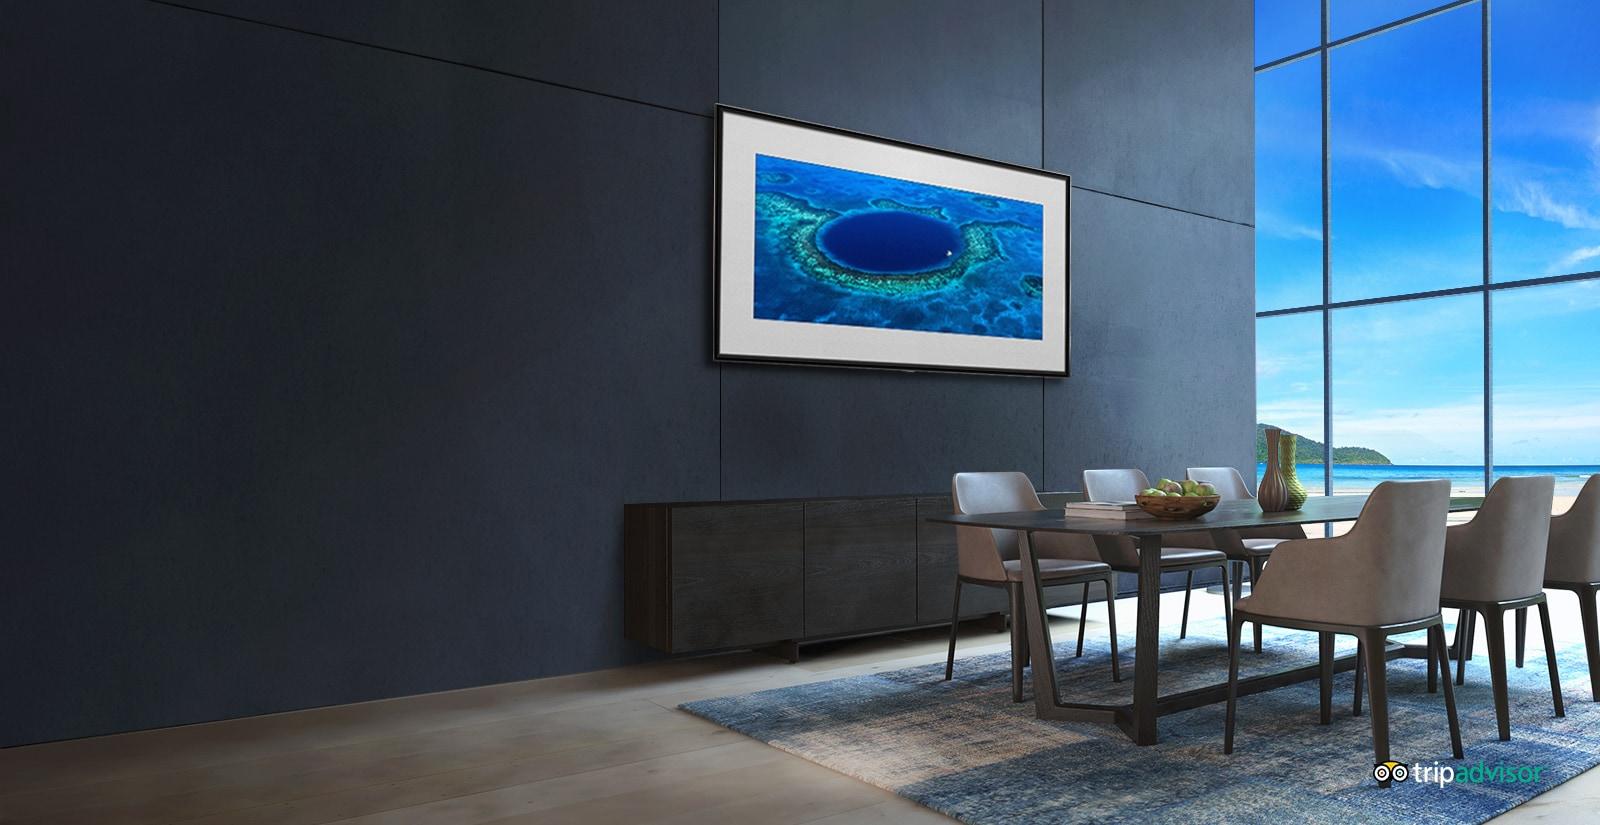 LG OLED W8 Погрузитесь в атмосферу отпуска с Режимом галереи